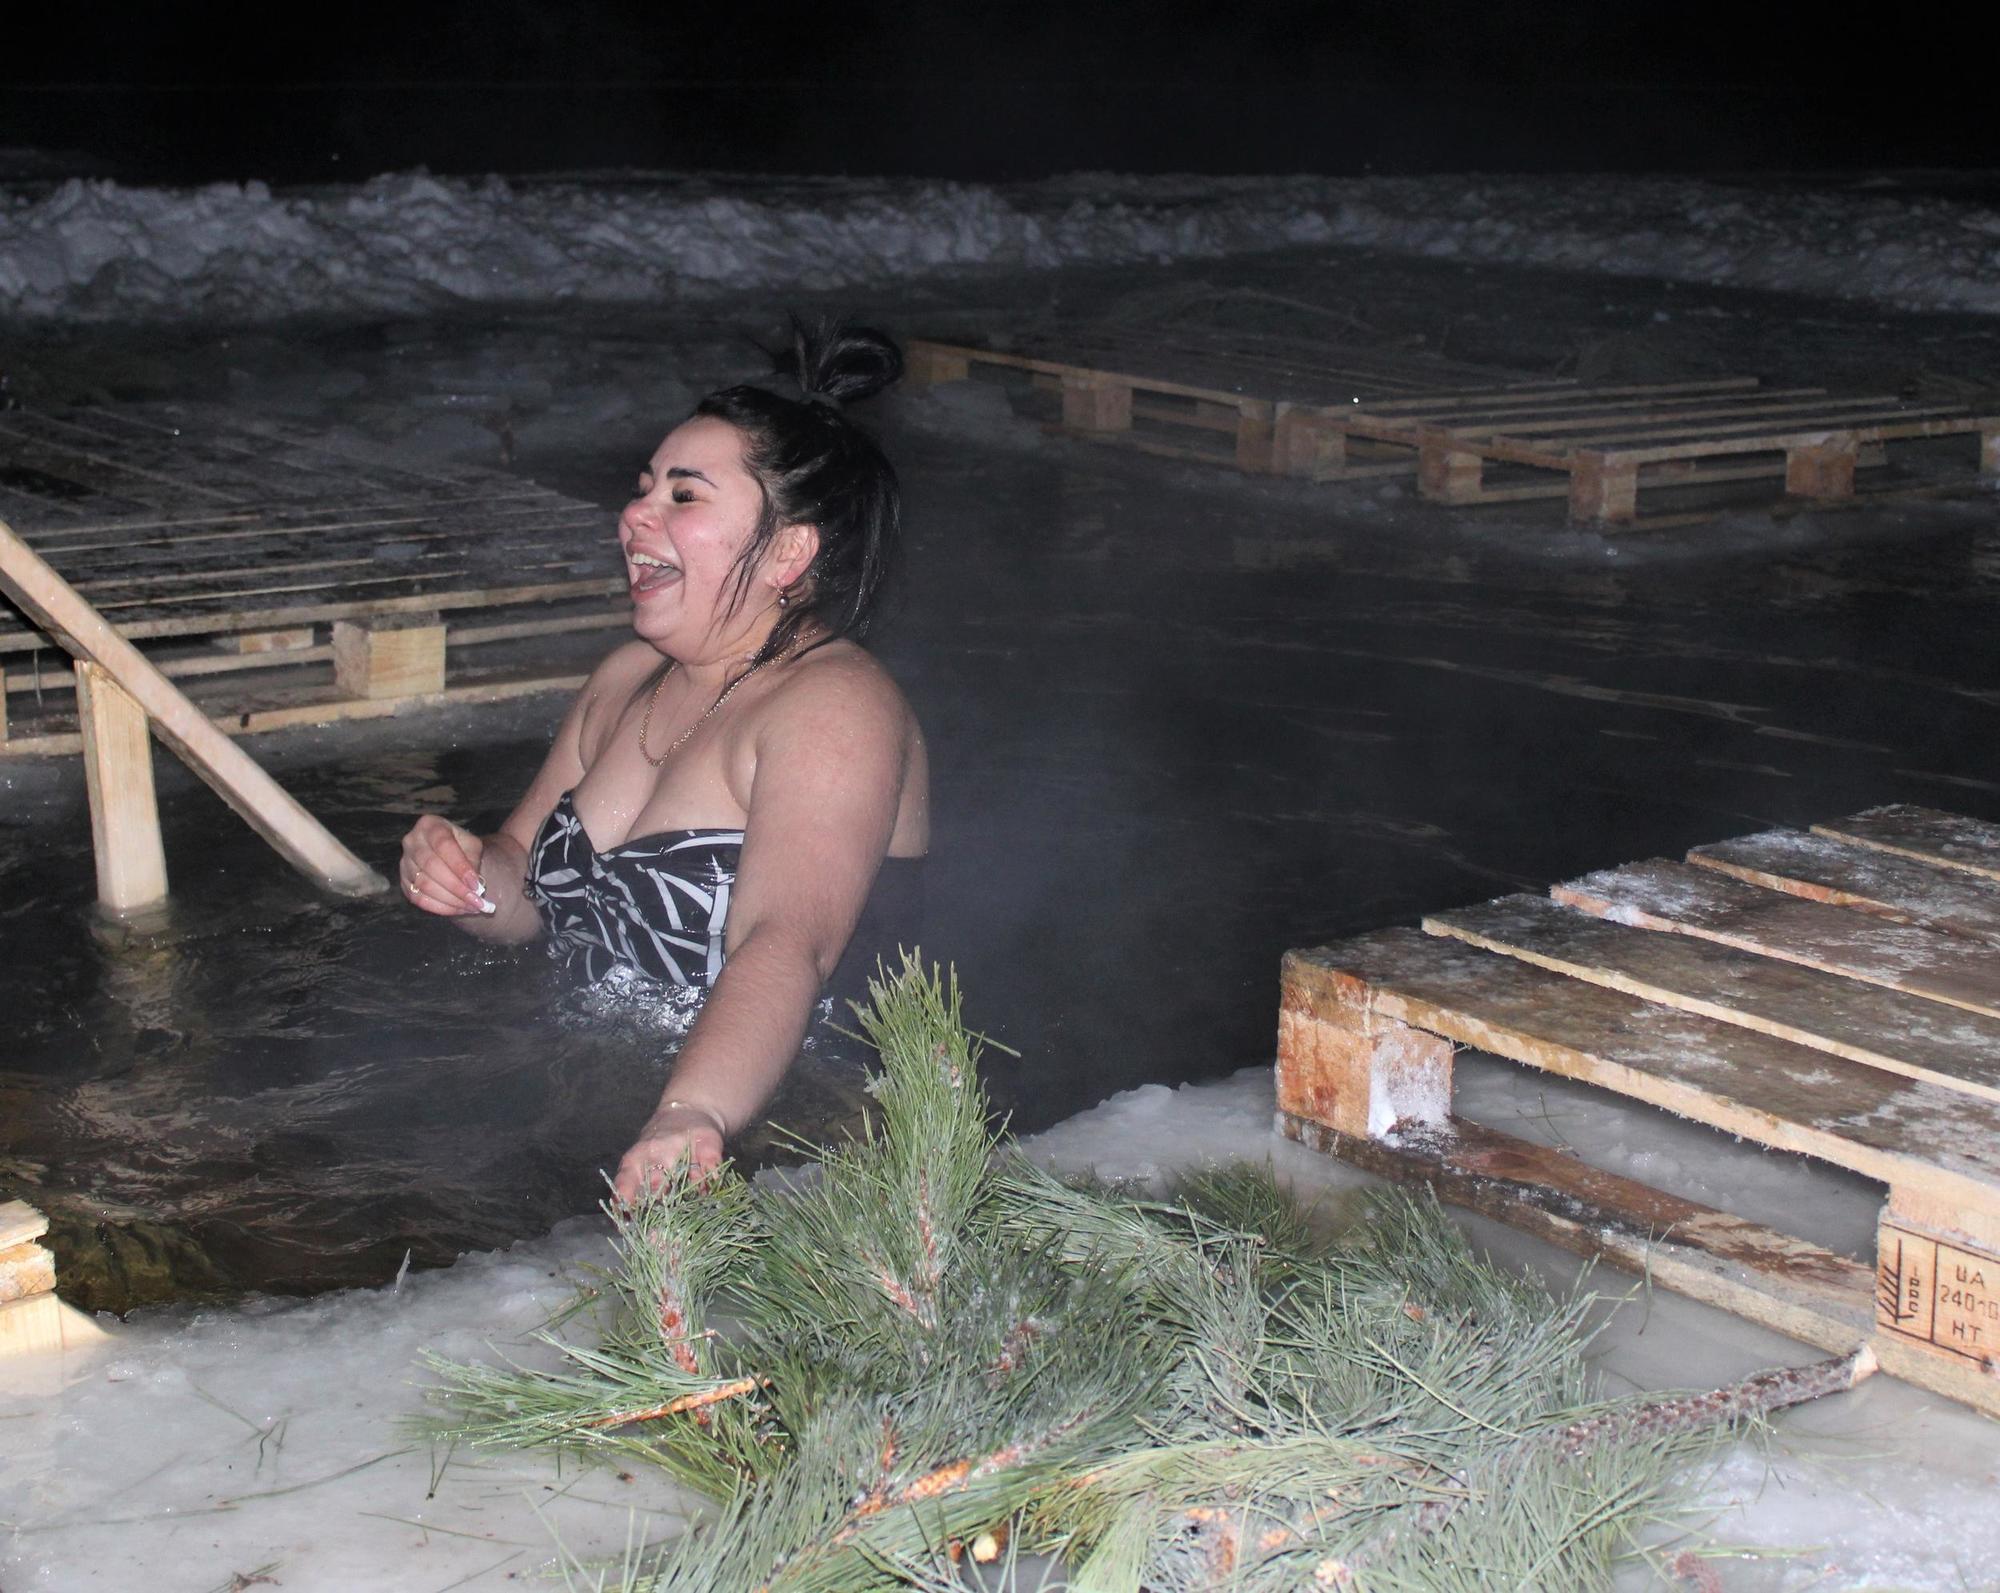 жінка занурюється в йордань на Донеччині